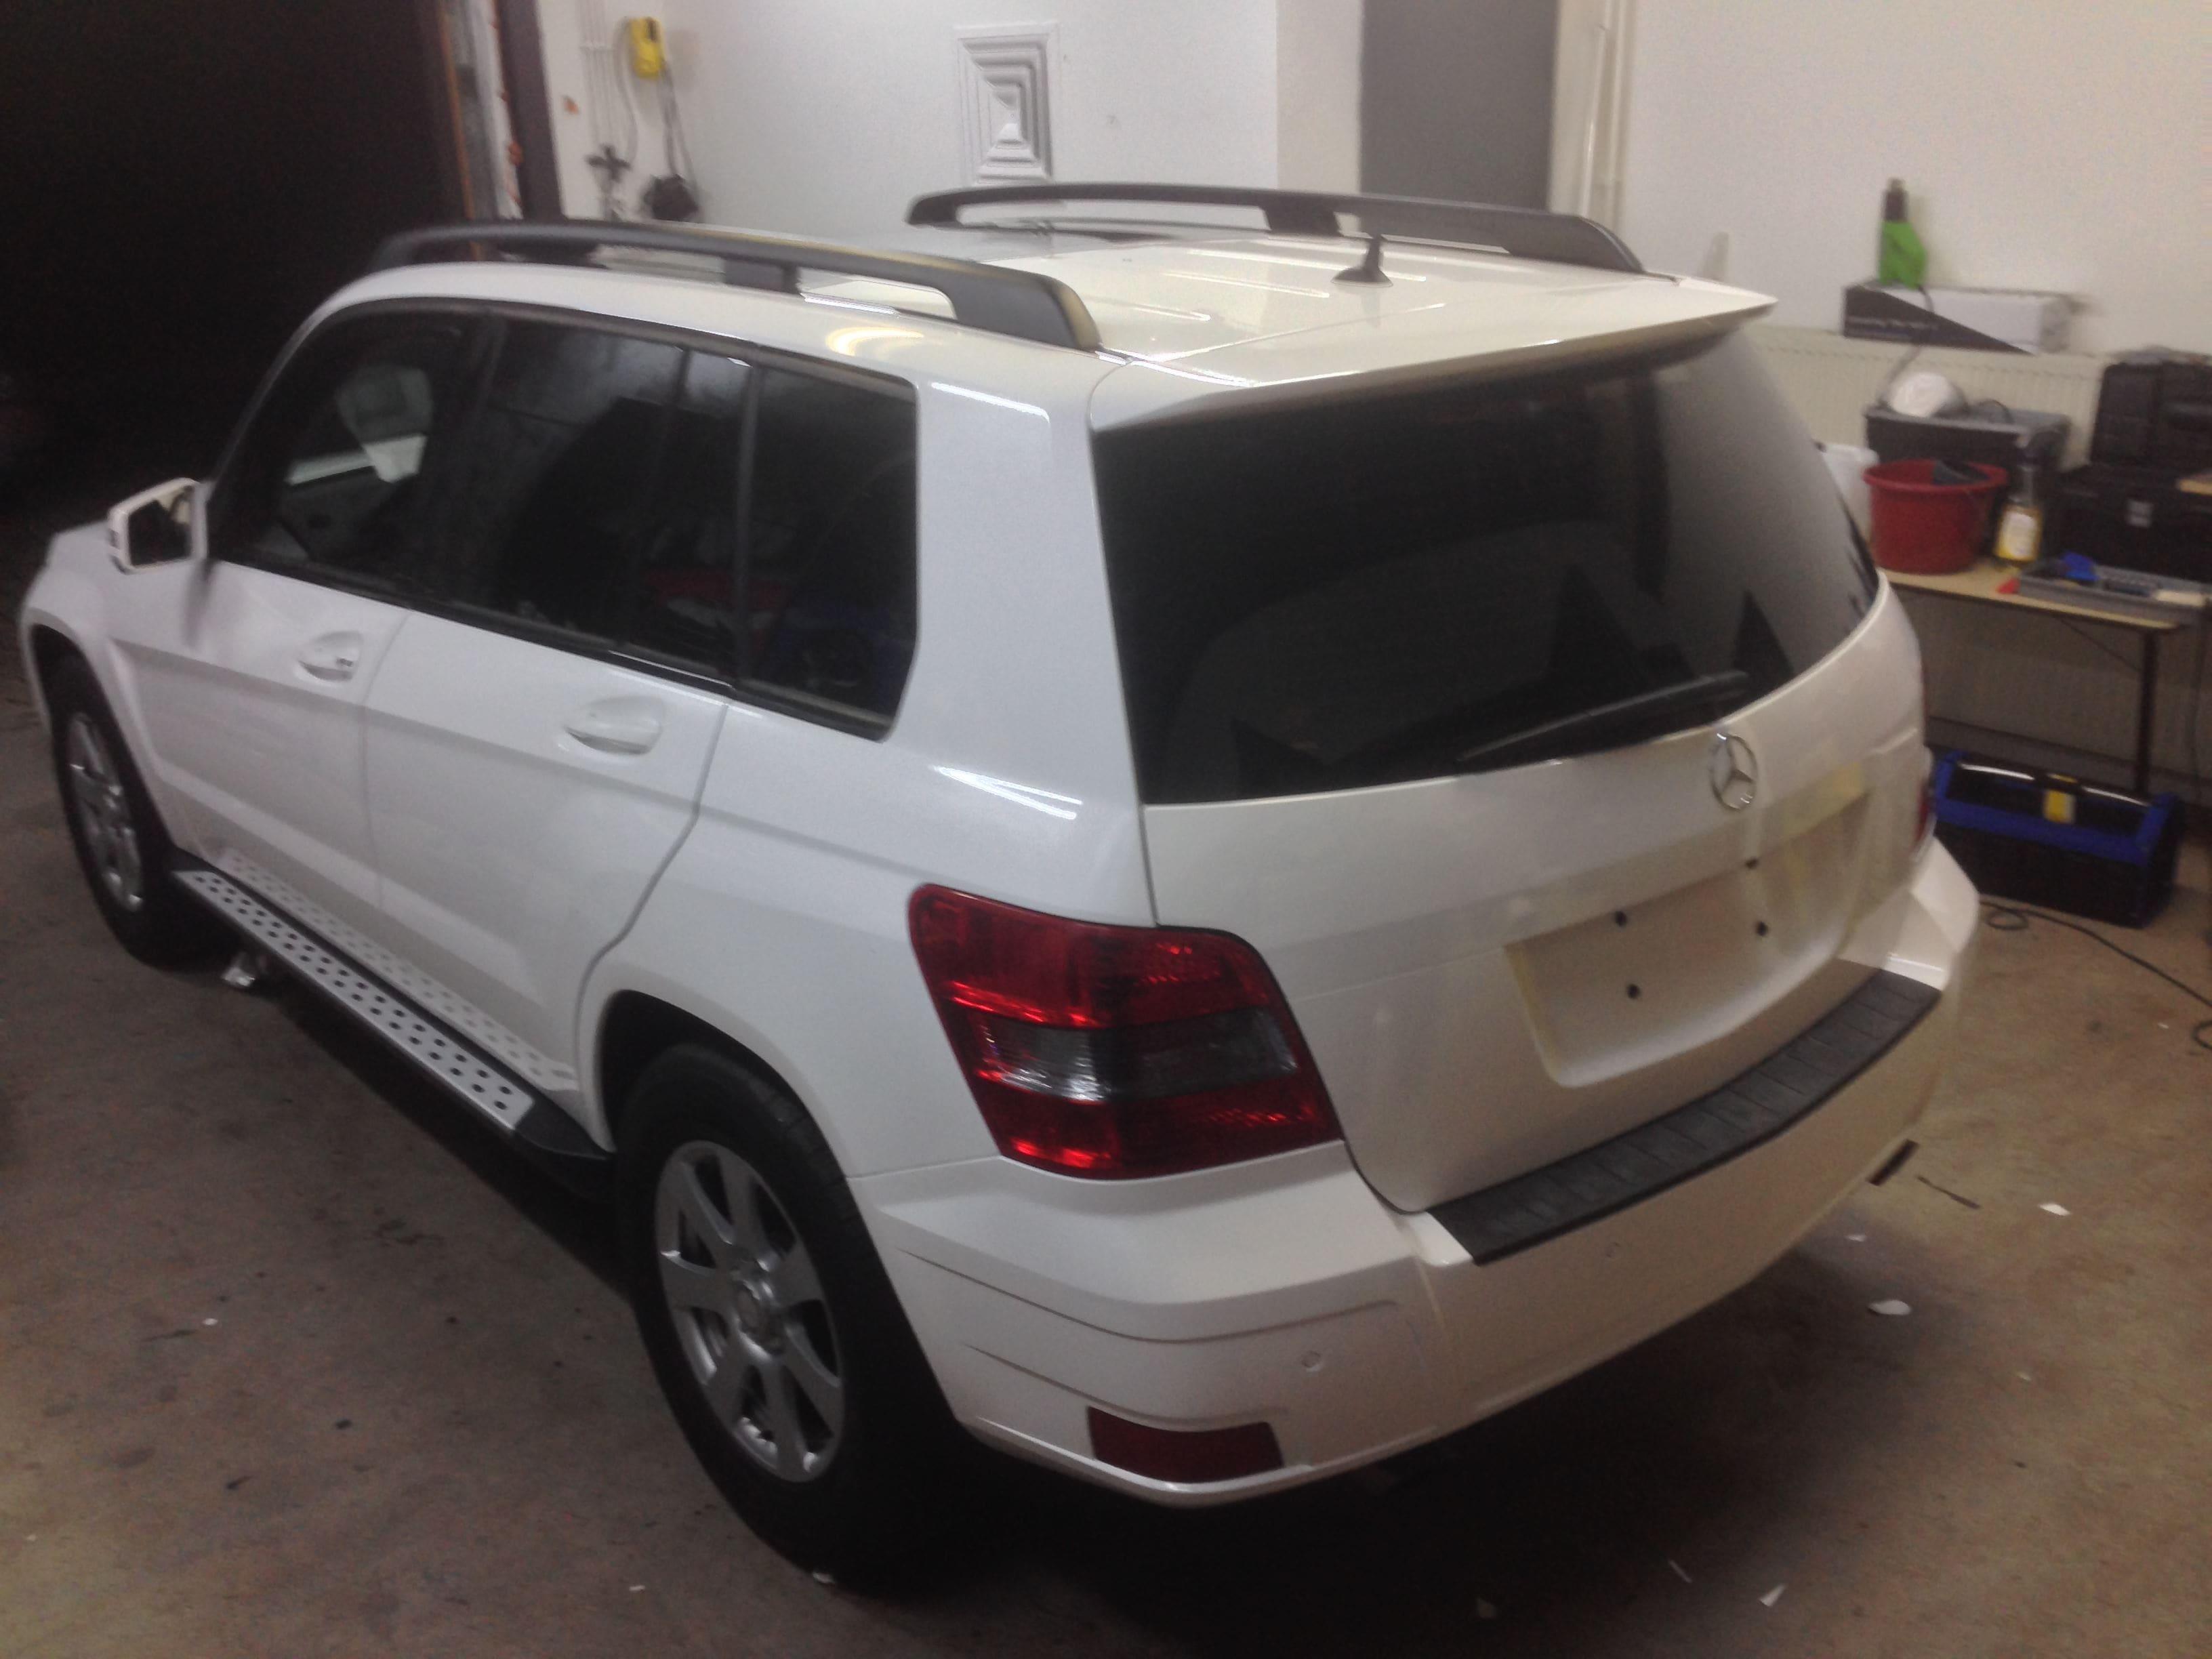 Mercedes GLK met Glossy White Wrap, Carwrapping door Wrapmyride.nu Foto-nr:6299, ©2020